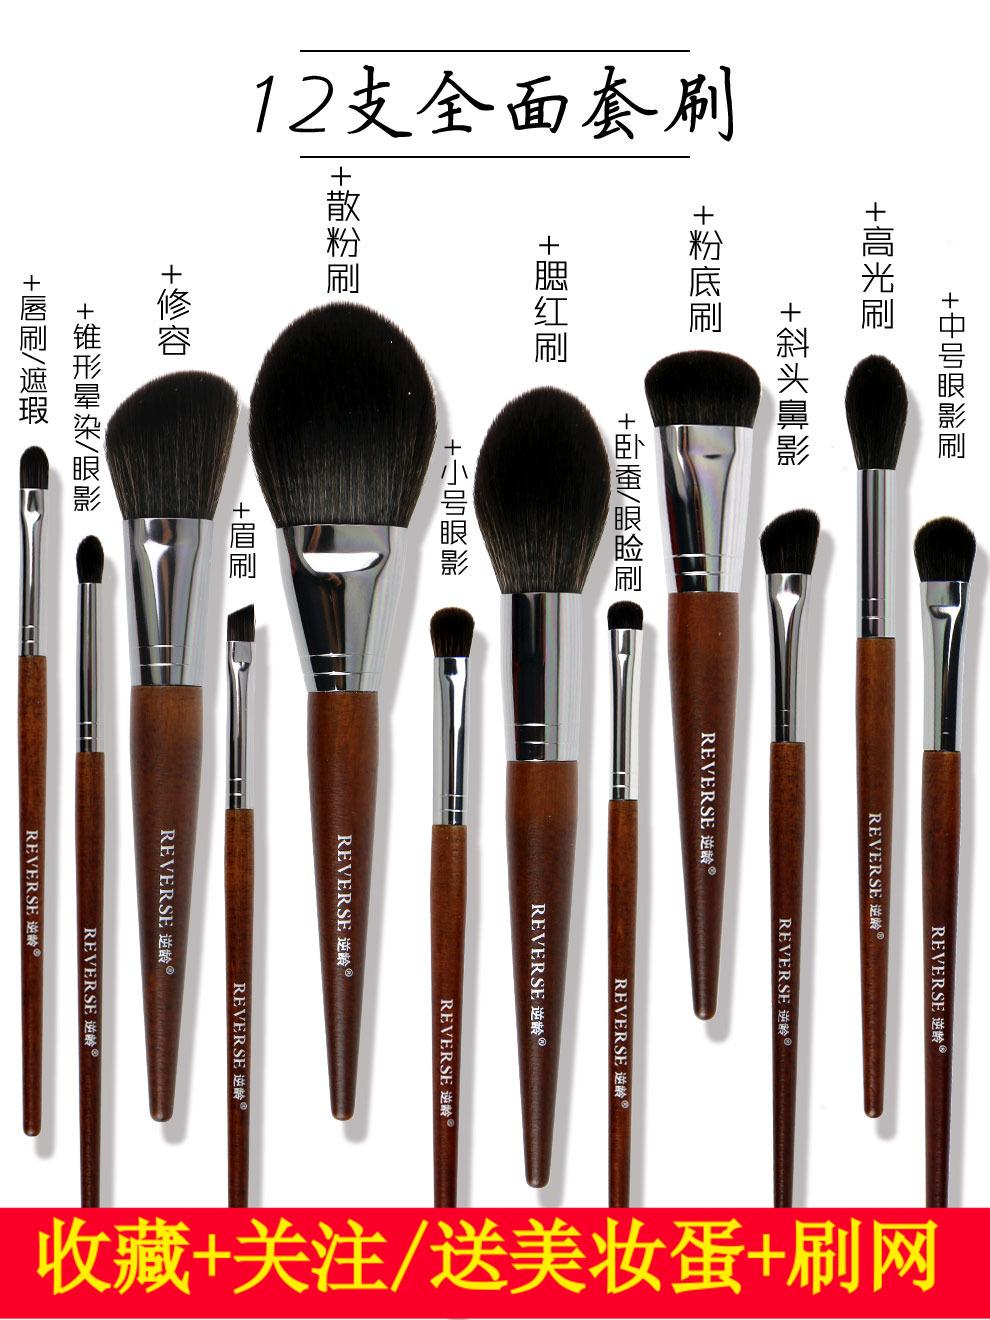 蕾迪诺12支化妆刷套装散粉腮红高光眼影套刷美容化妆粉刷美妆工具